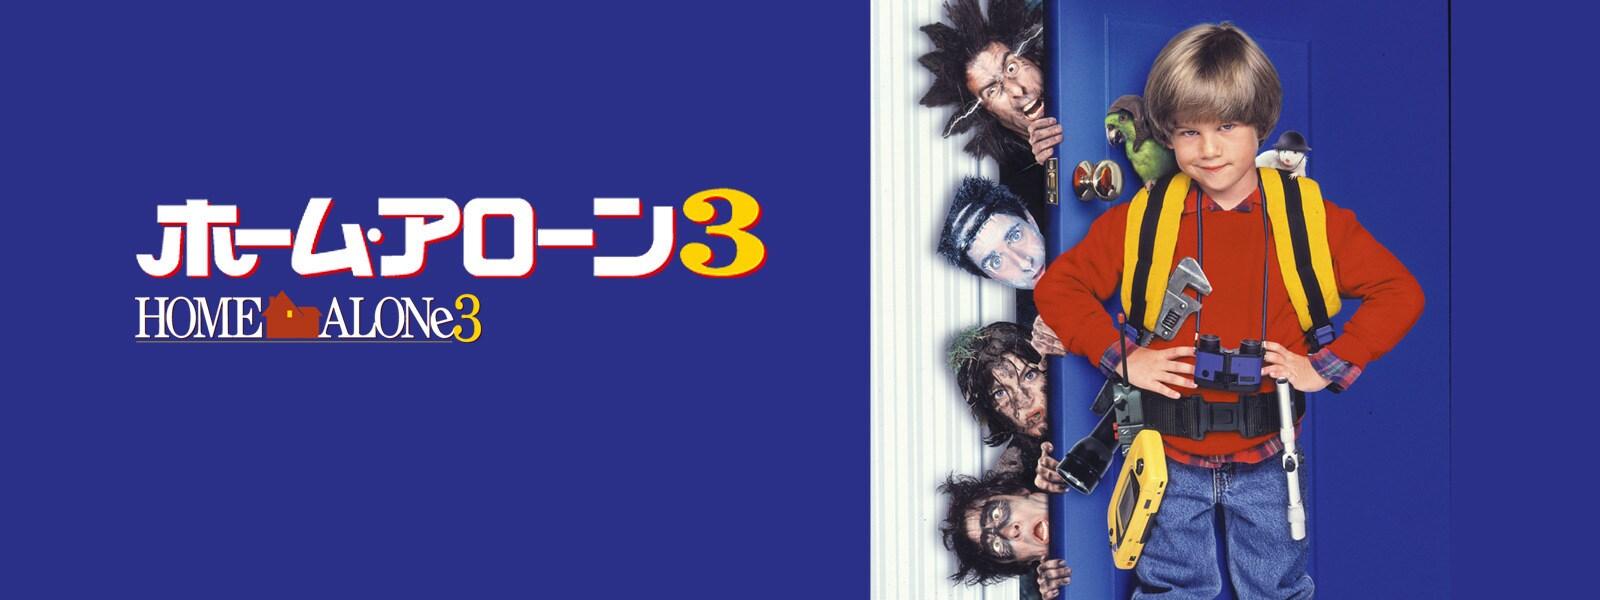 ホーム・アローン3 Home Alone 3 Hero